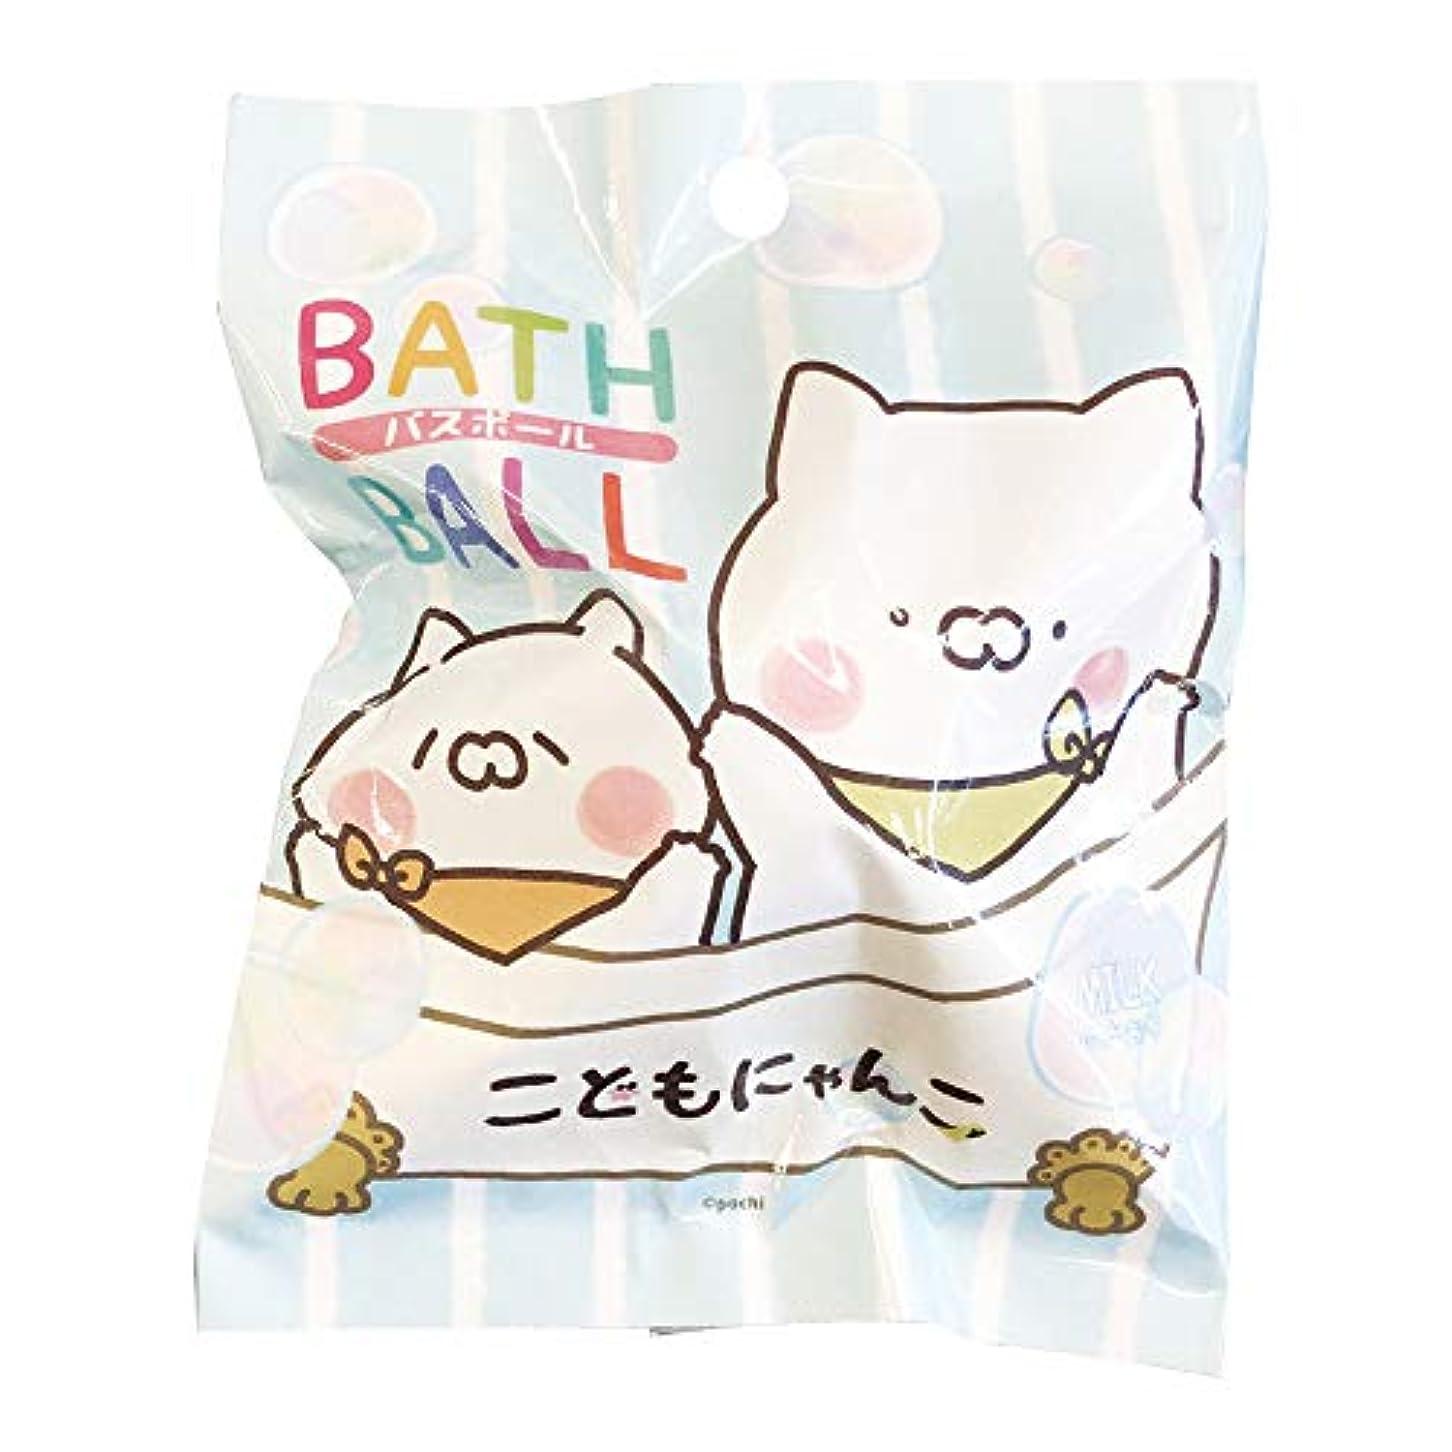 洗練ボーナスジレンマこどもにゃんこ 入浴剤 バスボール おまけ付き ミルクの香り 50g ABD-043-001